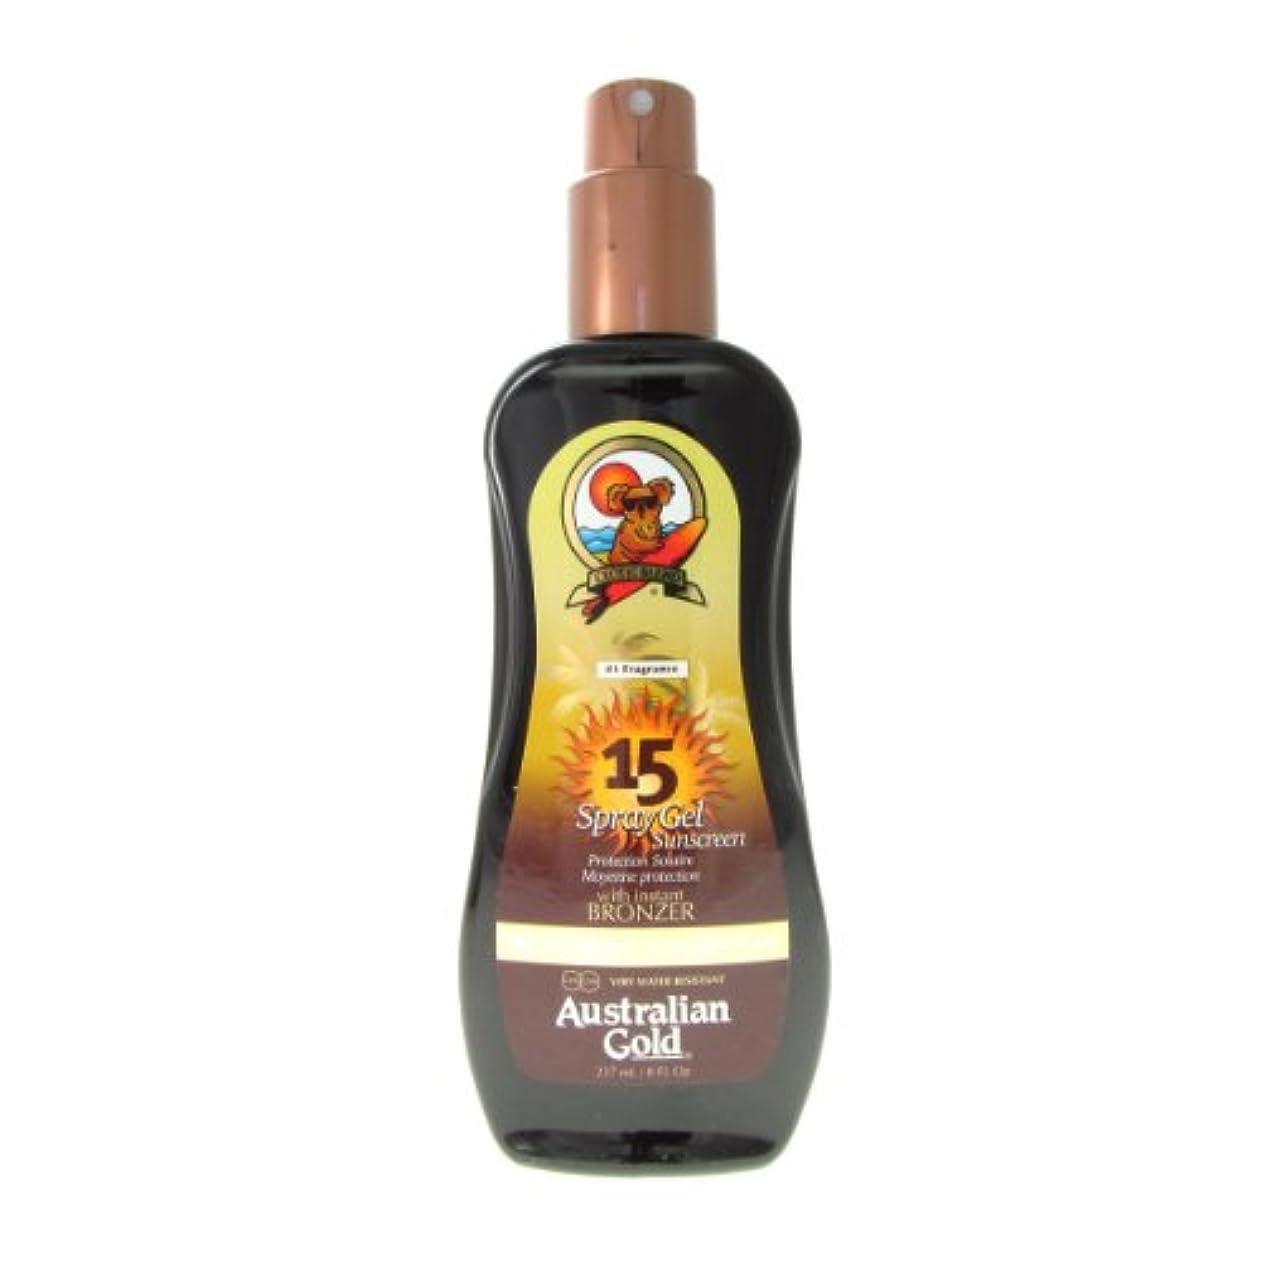 先見の明和電化するAustralian Gold Spray Gel Spf15 Instant Bronzer 237ml [並行輸入品]